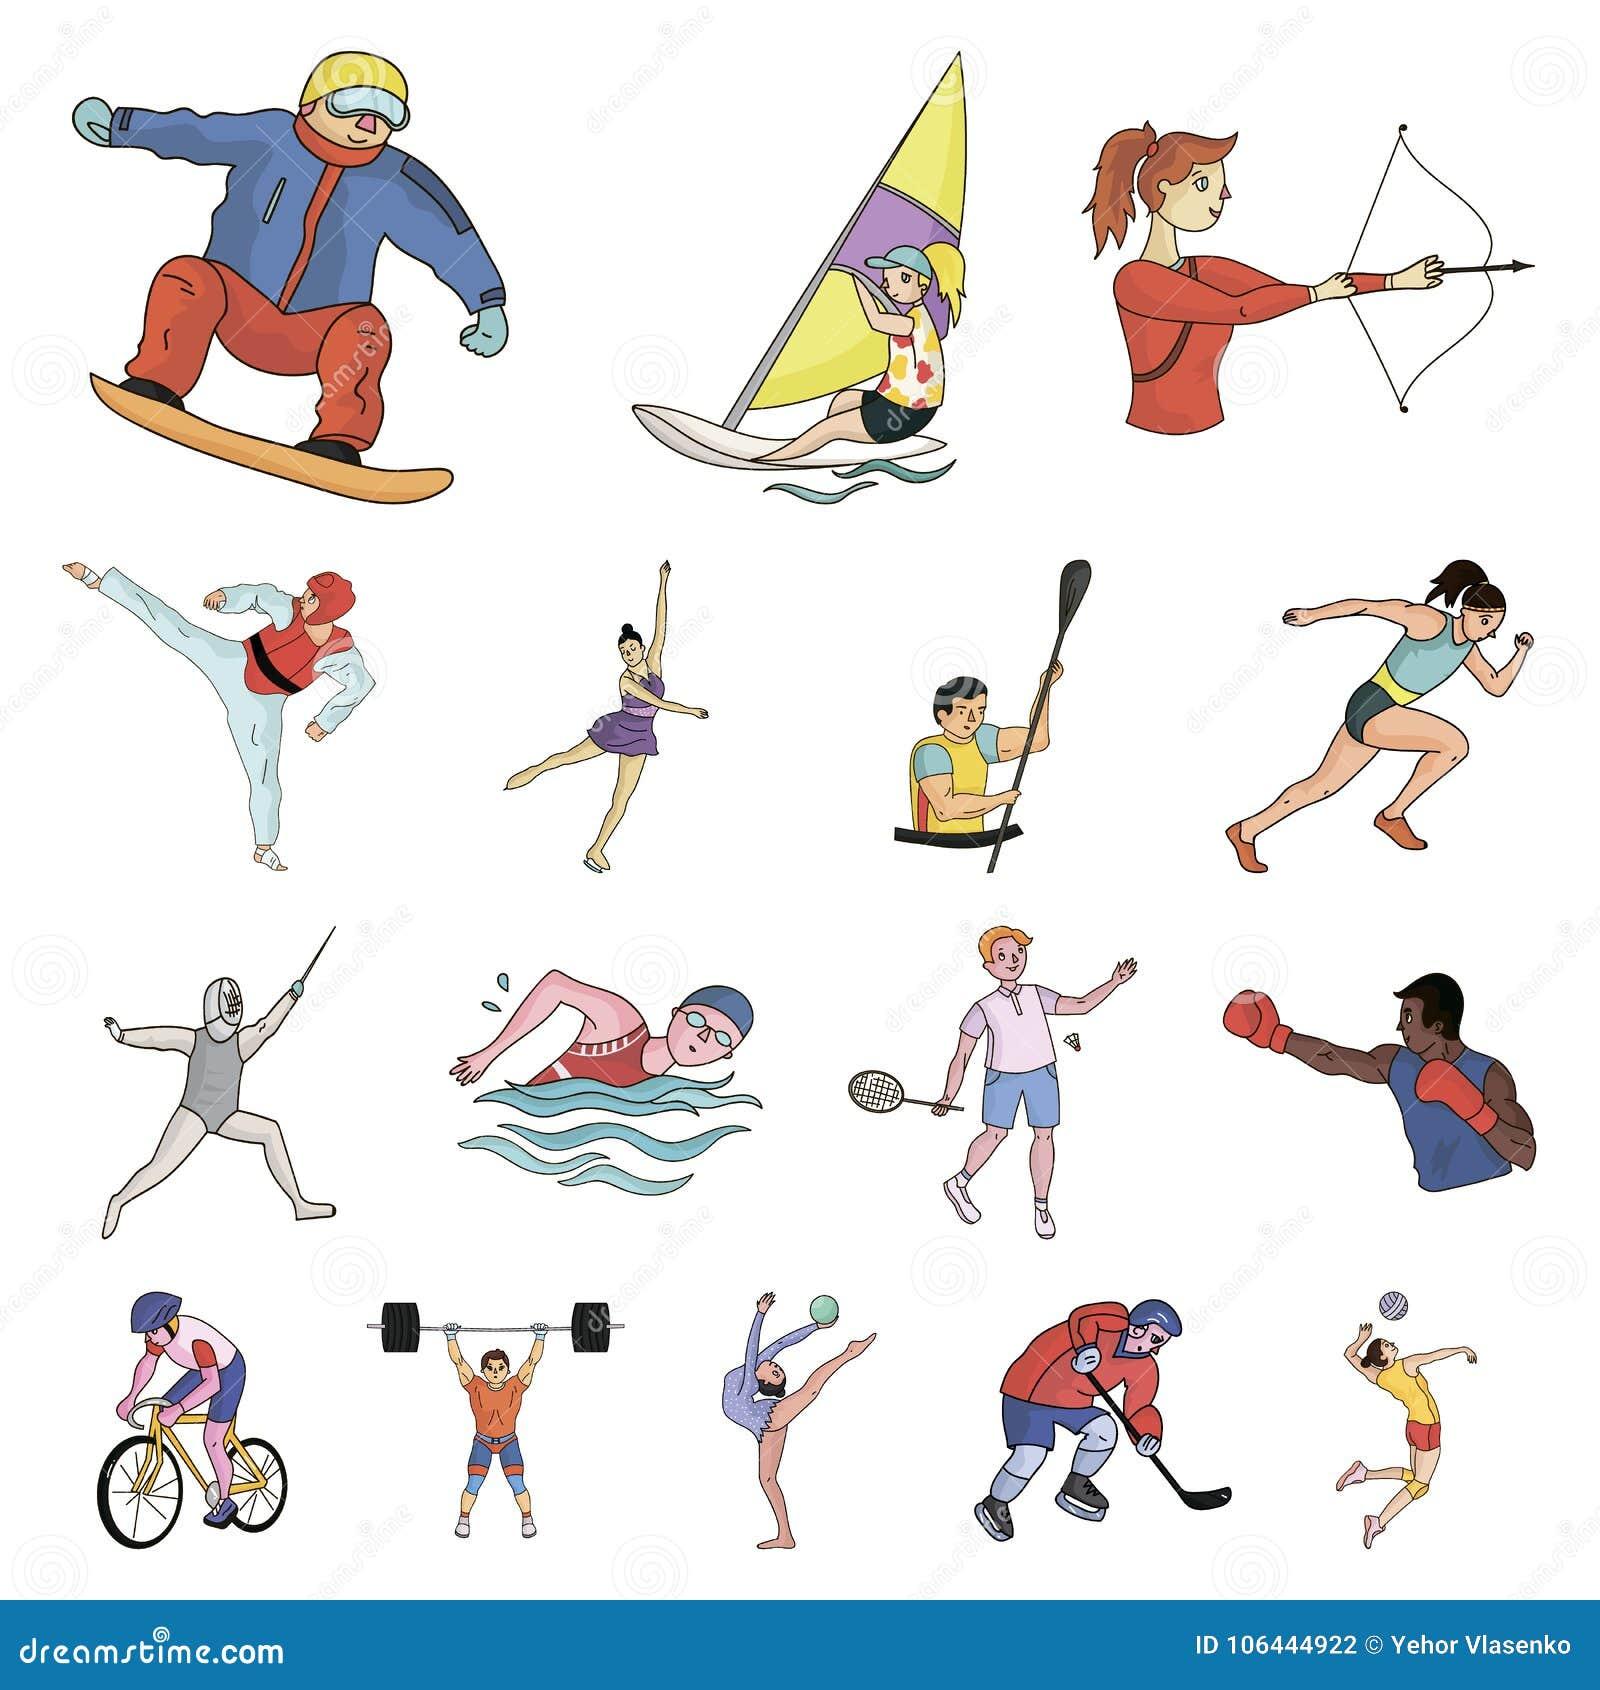 Виды спорта по алфавиту в картинках